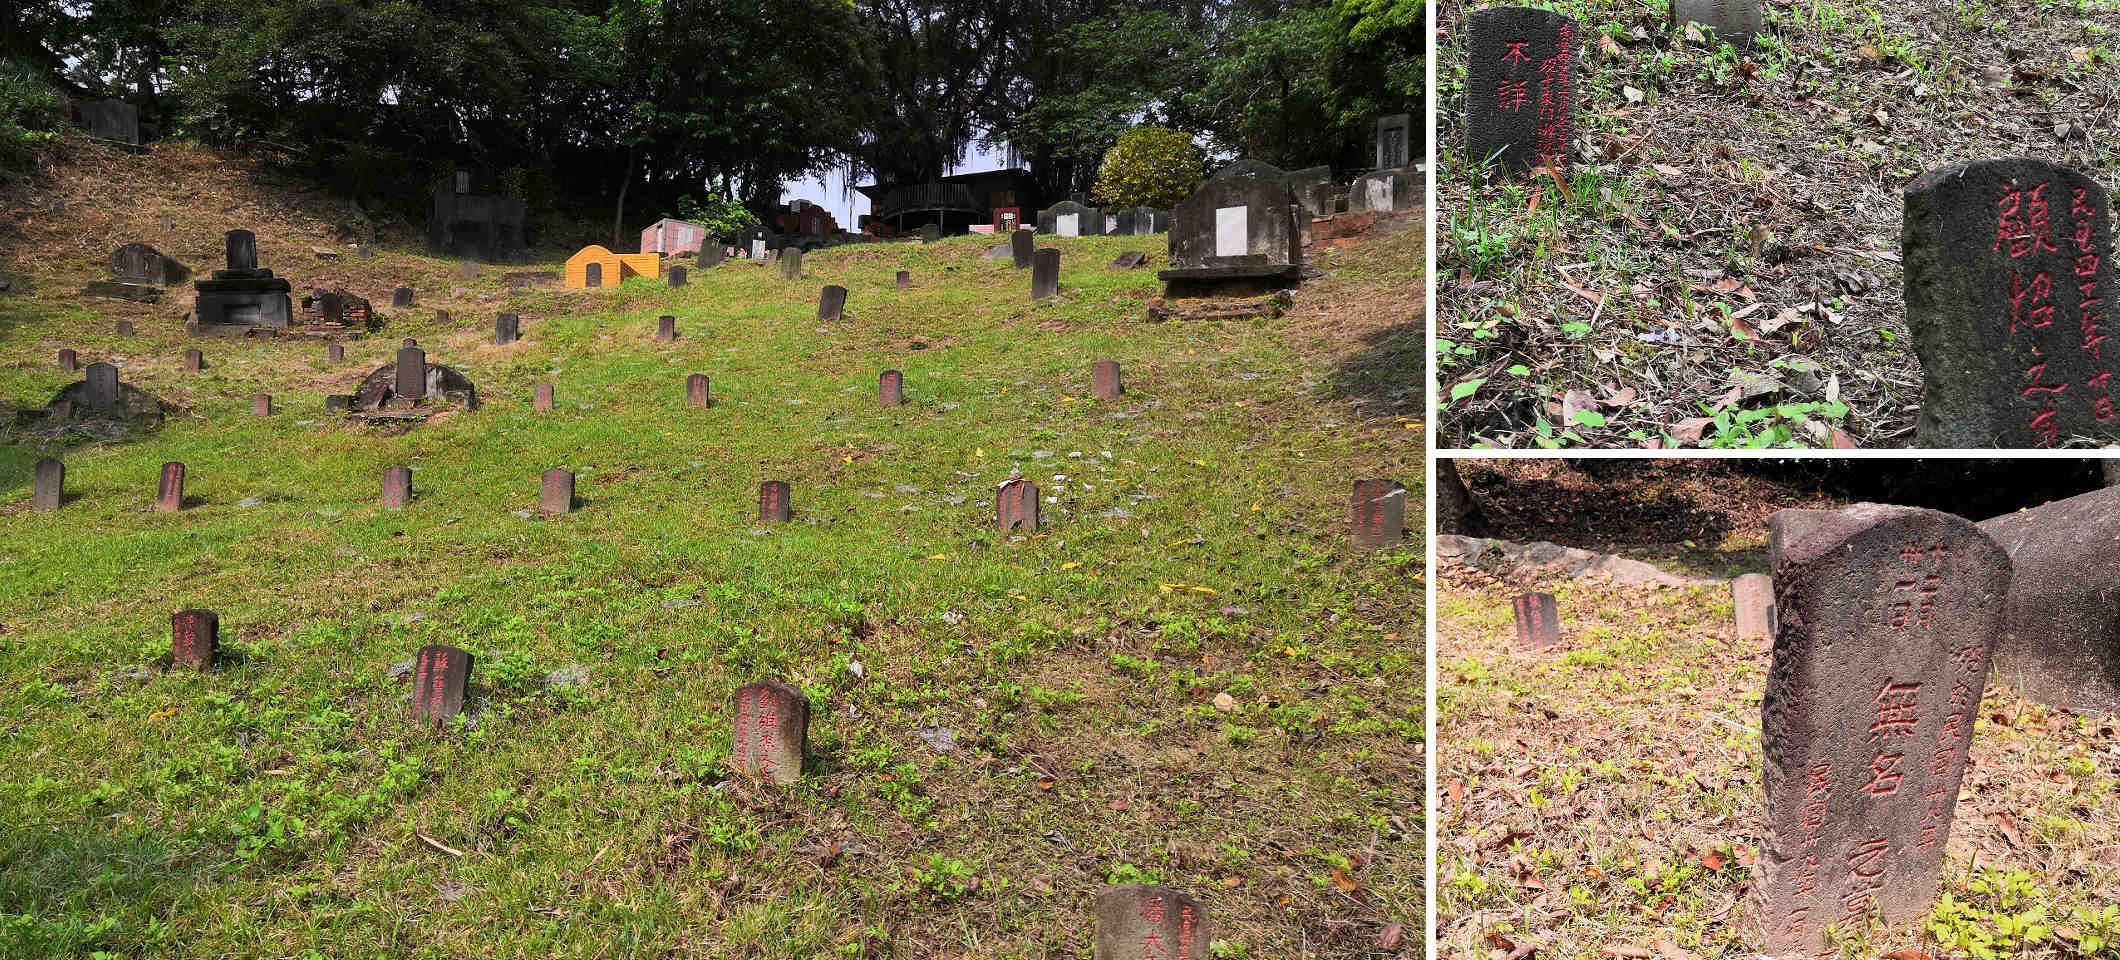 臺北市六張犁還留有幾百具當年白恐槍決後草草埋下的屍骨,墓碑上有些甚至沒有墓主姓名。